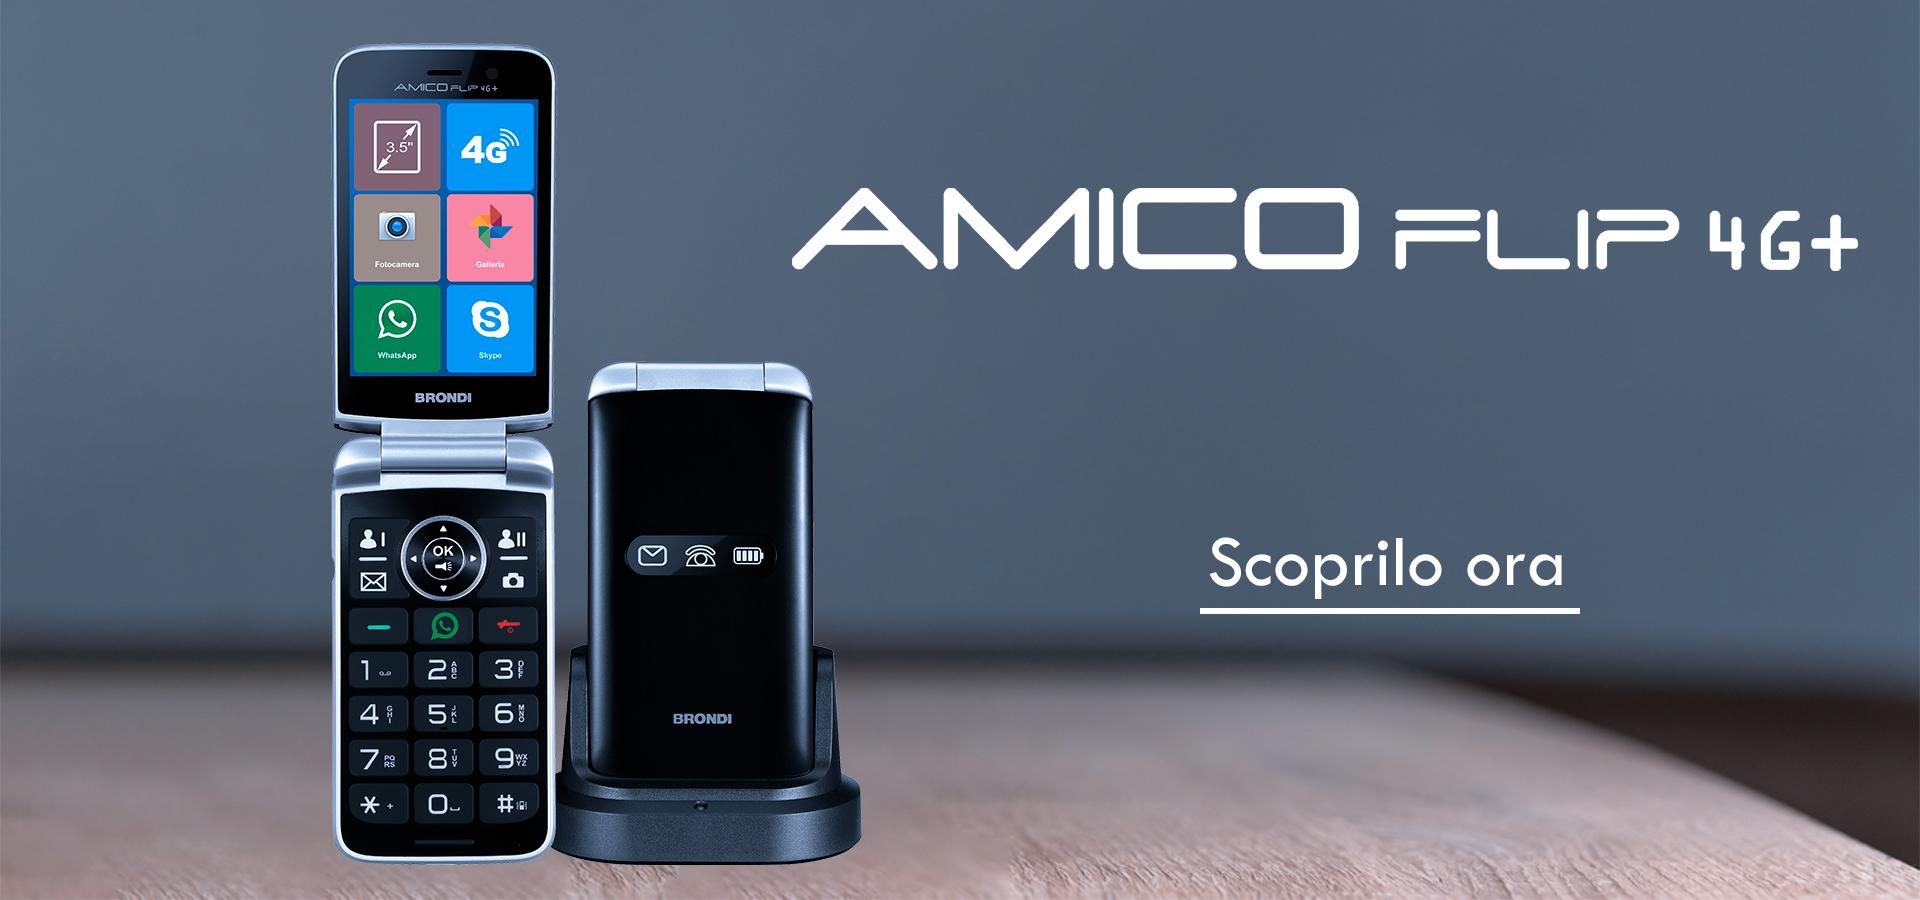 Amico Flip 4g+